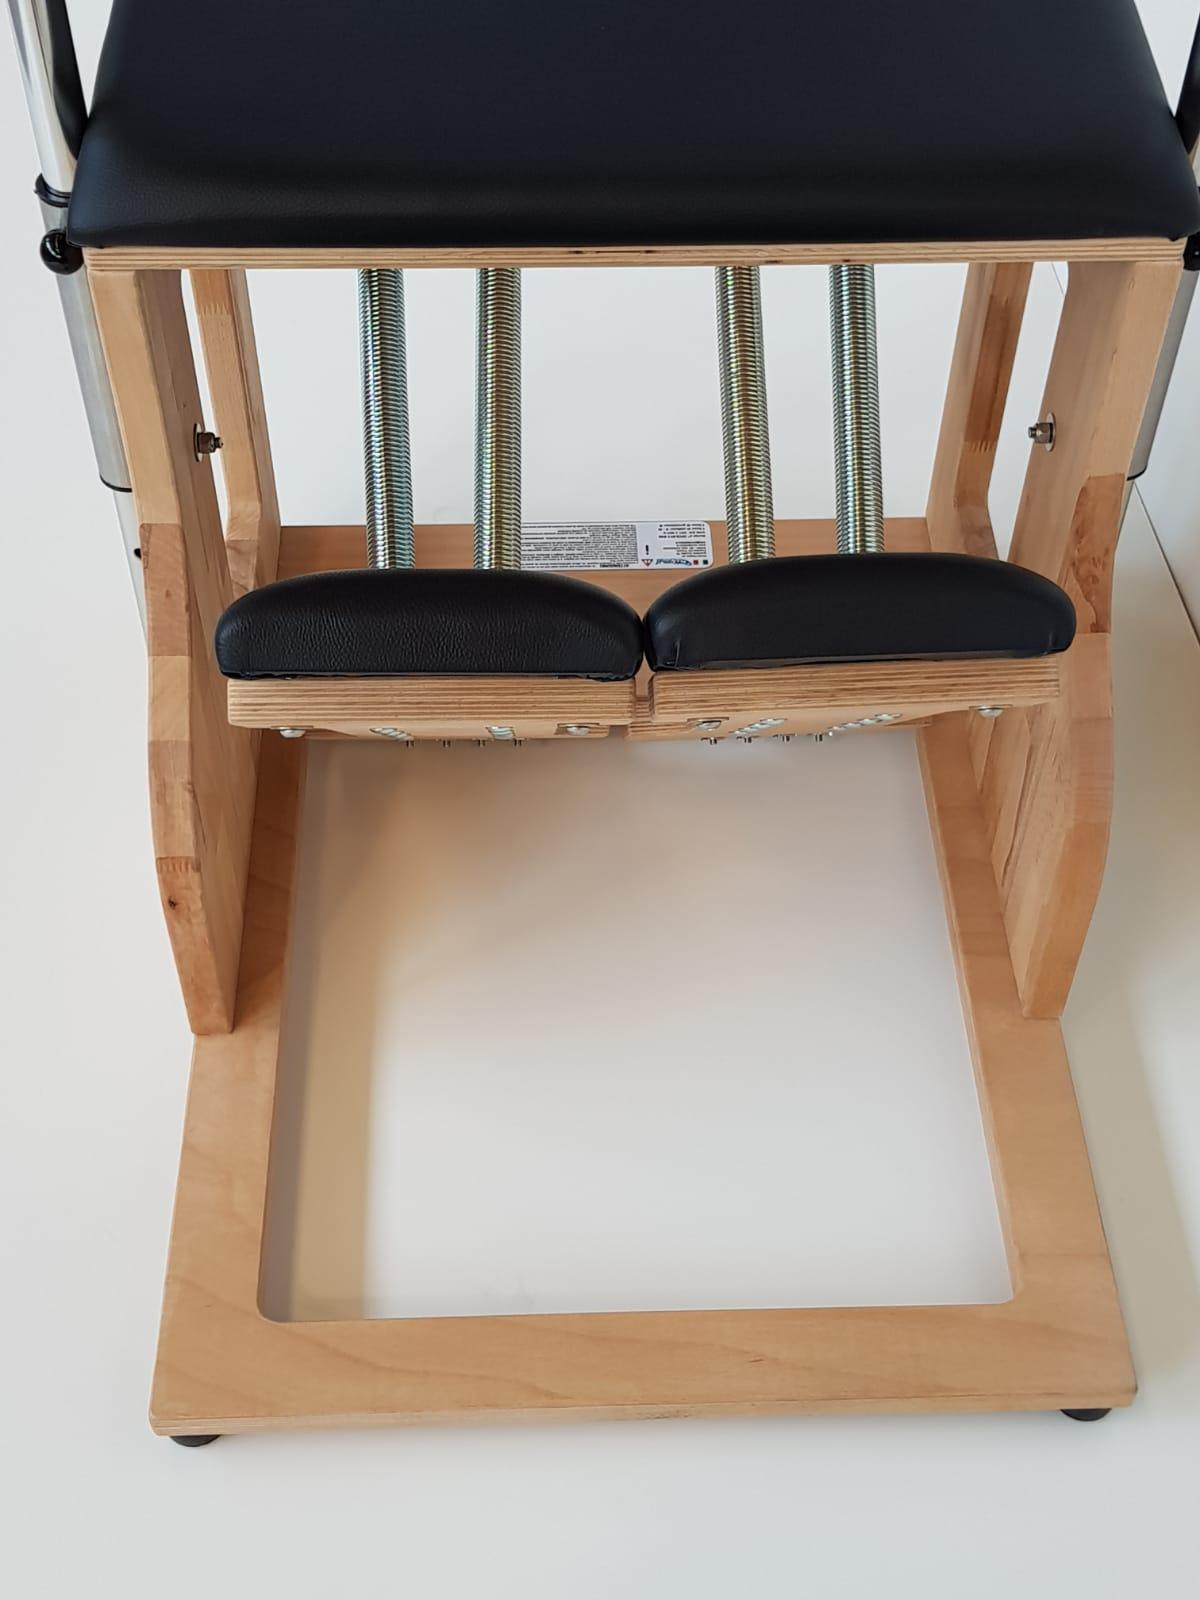 IMG-20180725-WA0015 chair 3